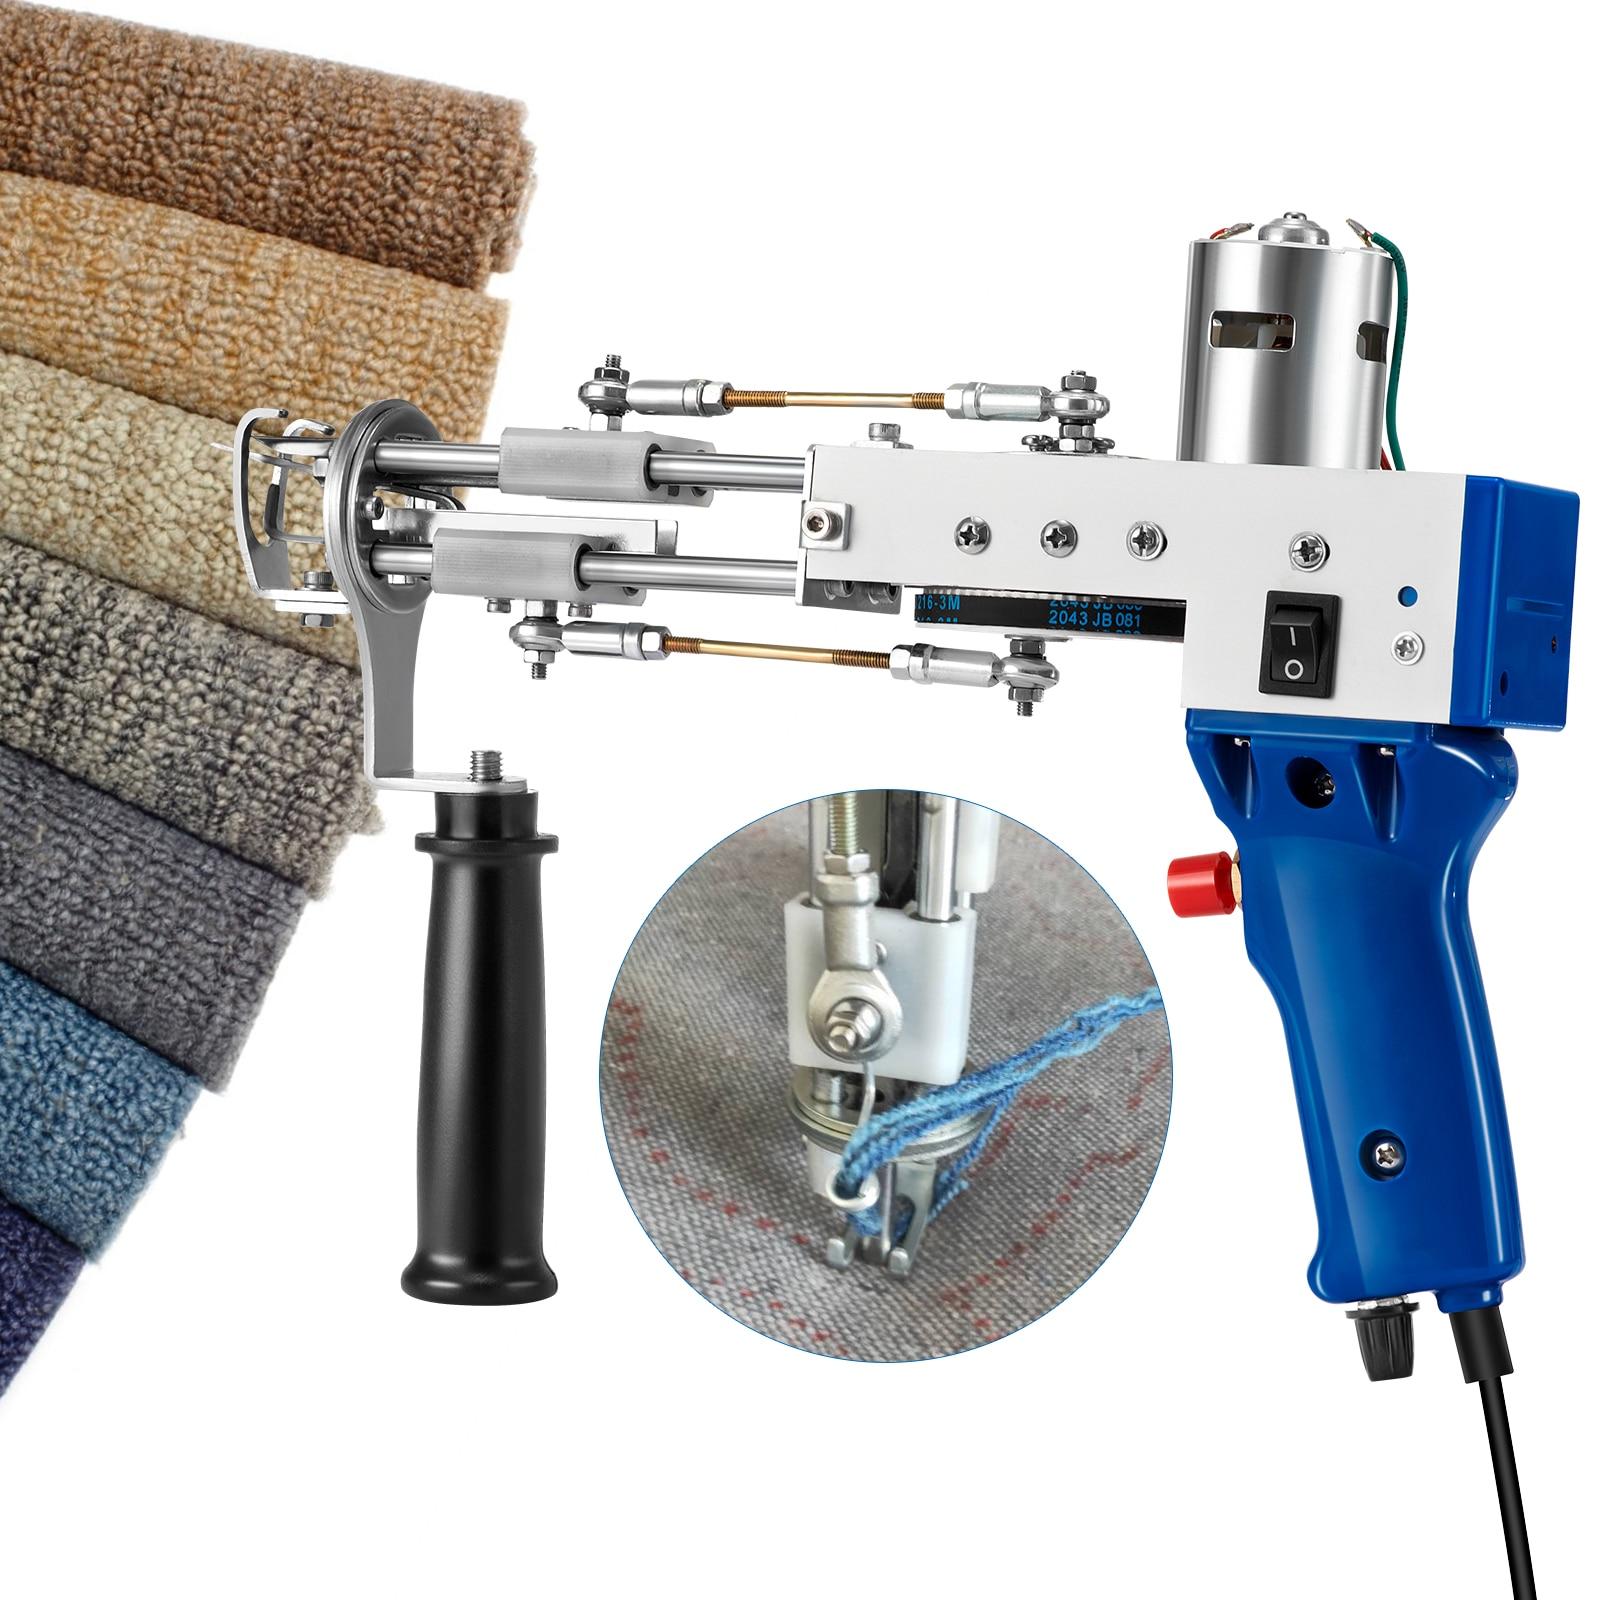 2021 Electric Carpet Tufting Gun Hand Gun Carpet Weaving Flocking Machine Cut Pile Weaving Flocking Machines Loop Pile Cut Rug enlarge